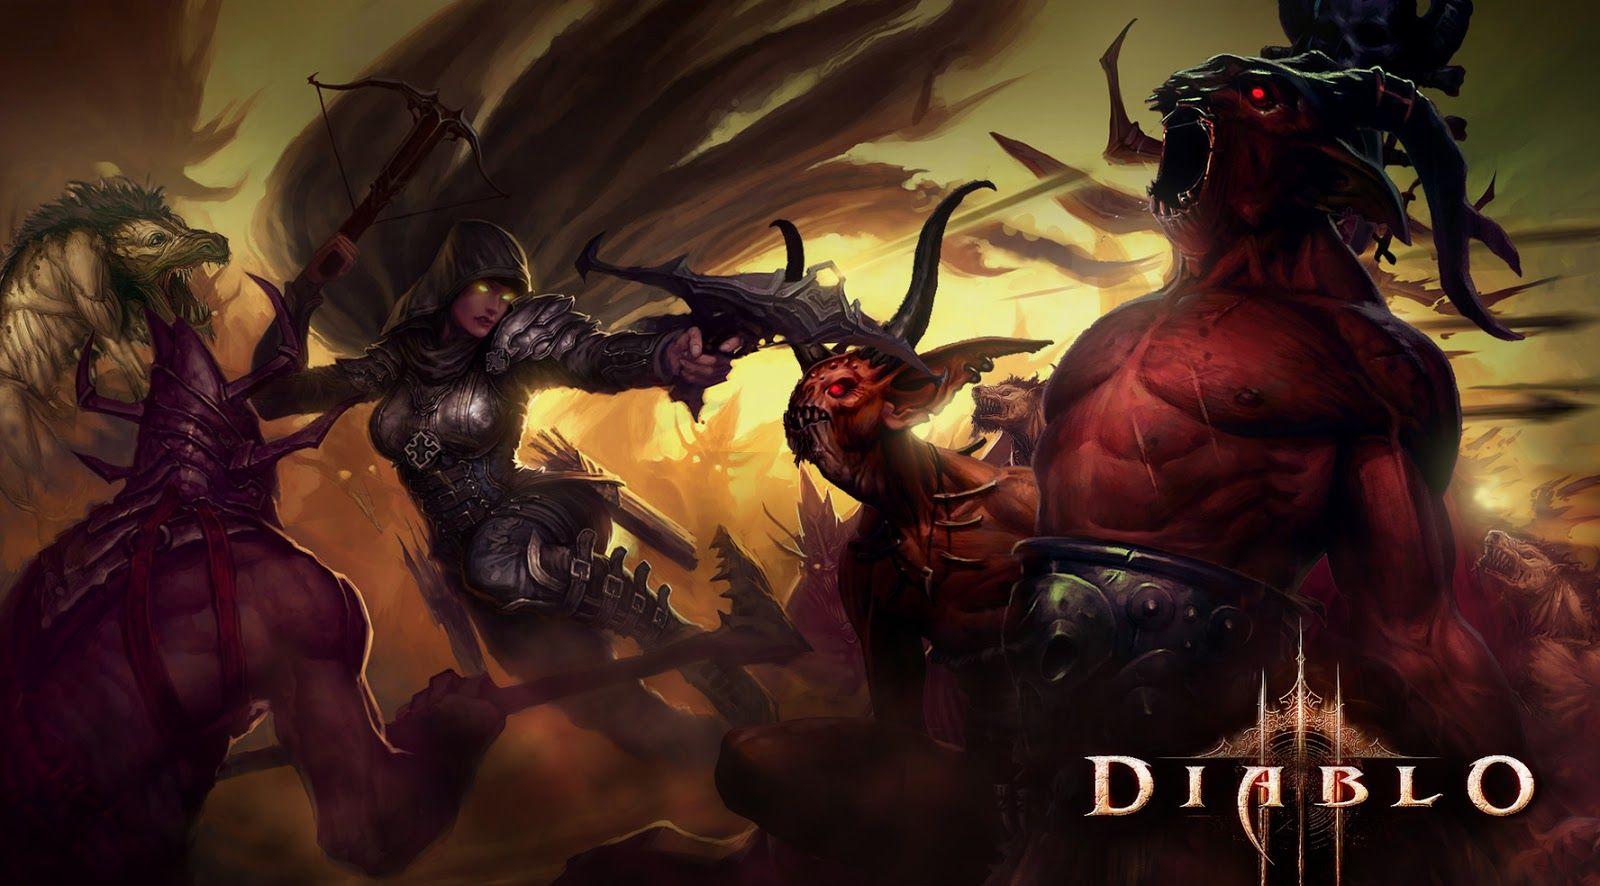 Diablo 3 Wallpaper Demon Hunter Demon Hunter Diablo 3